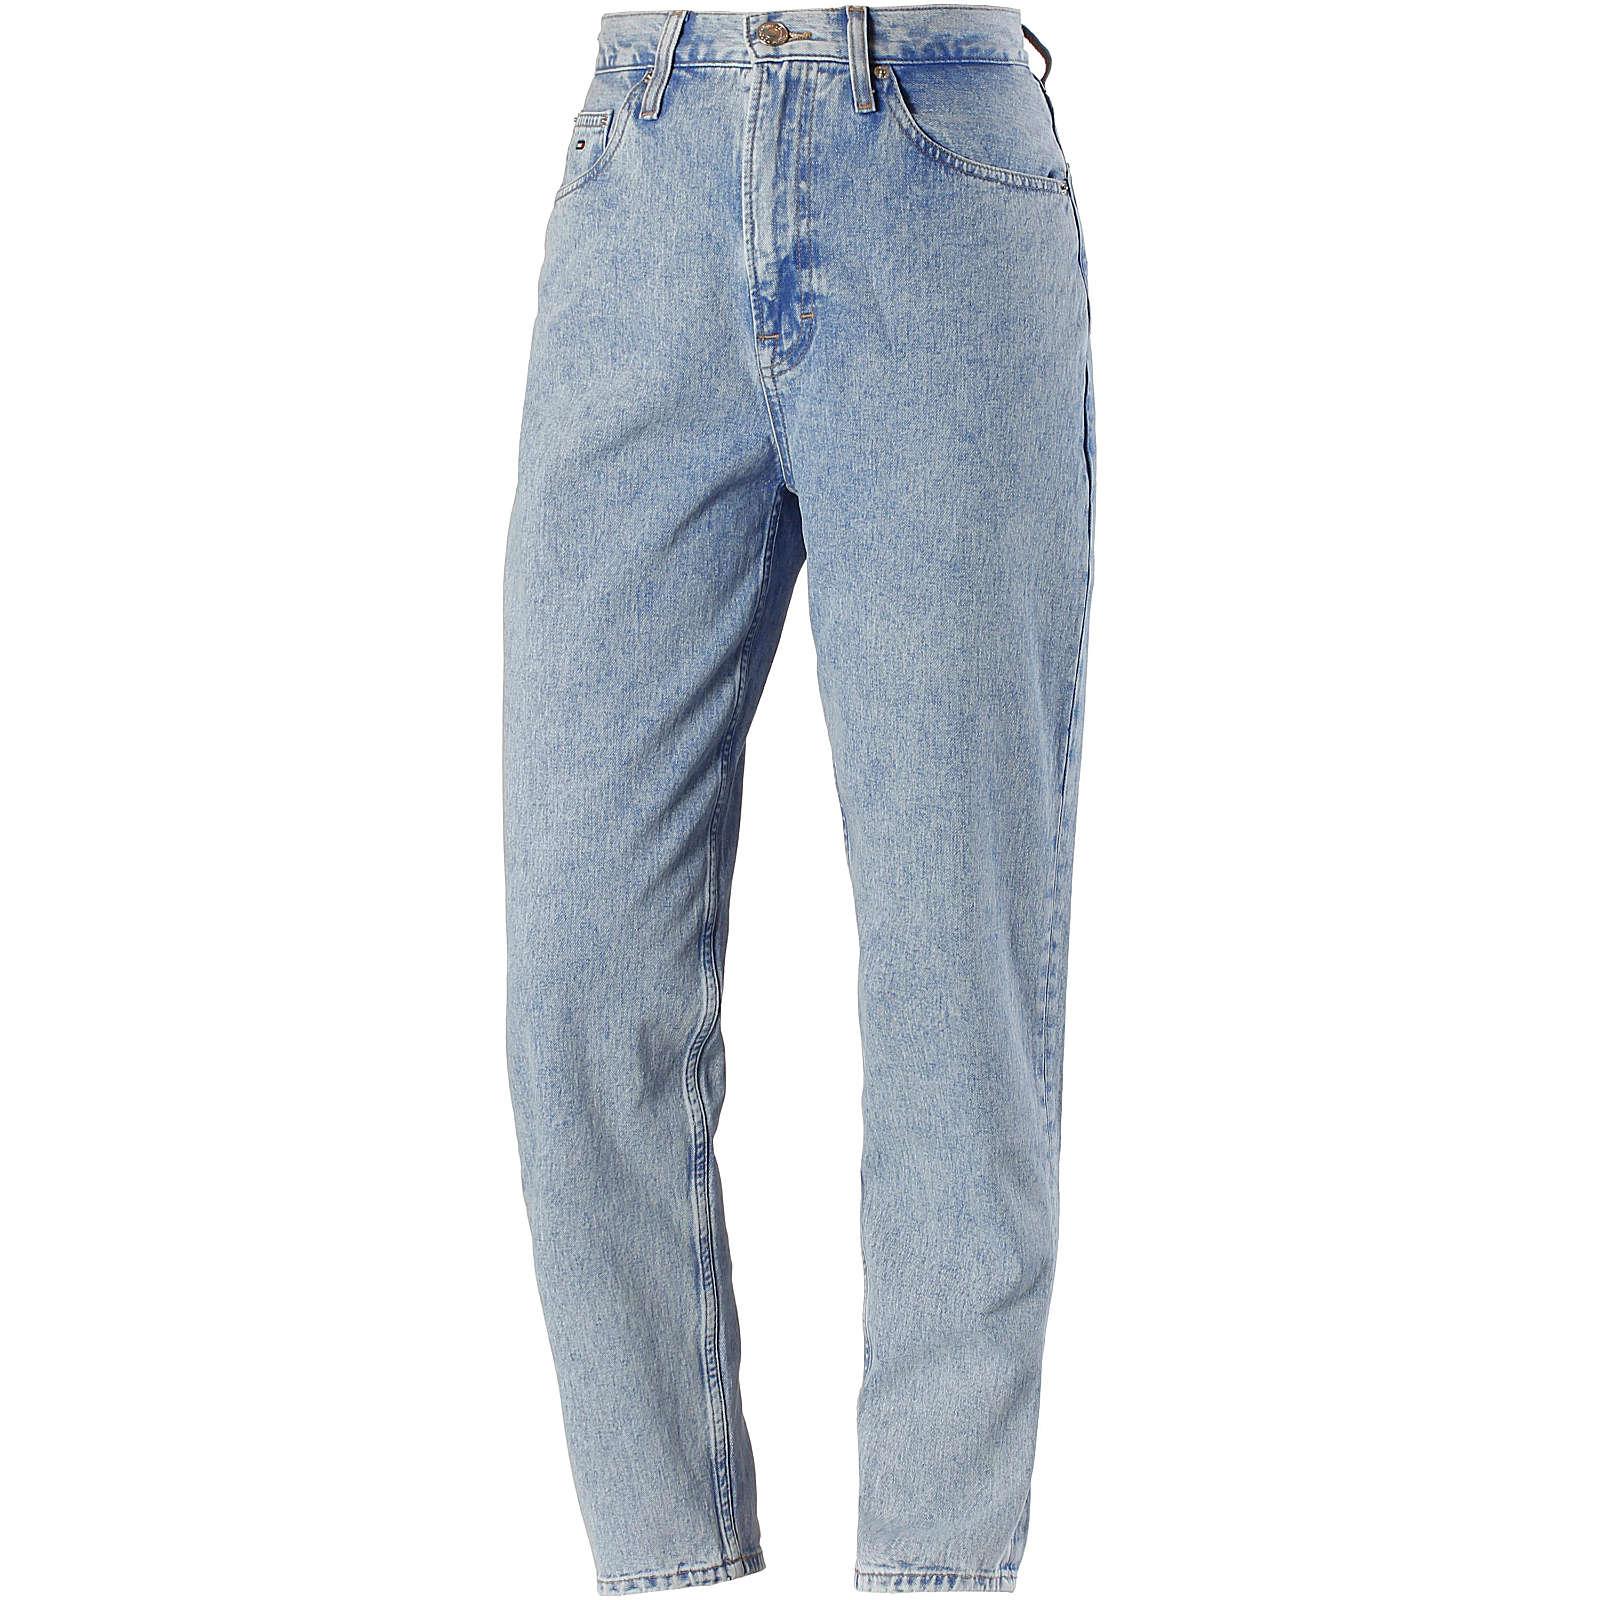 Tommy Jeans Straight Fit Jeans Jeanshosen blau Damen Gr. 28